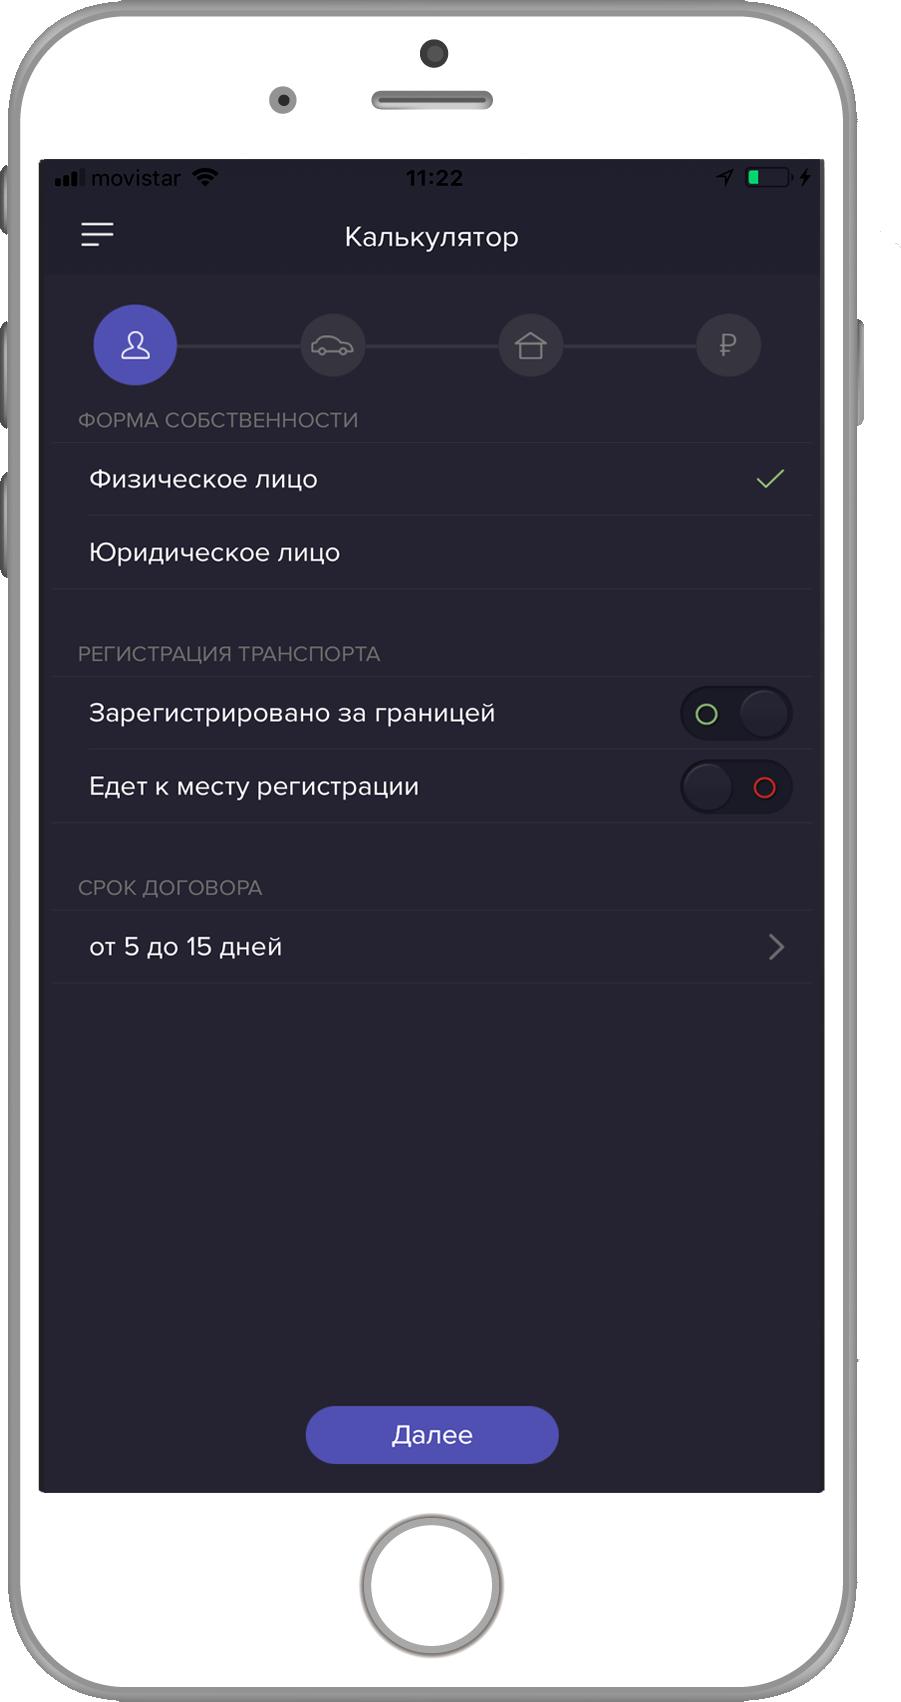 ejemplo de app movil apptech